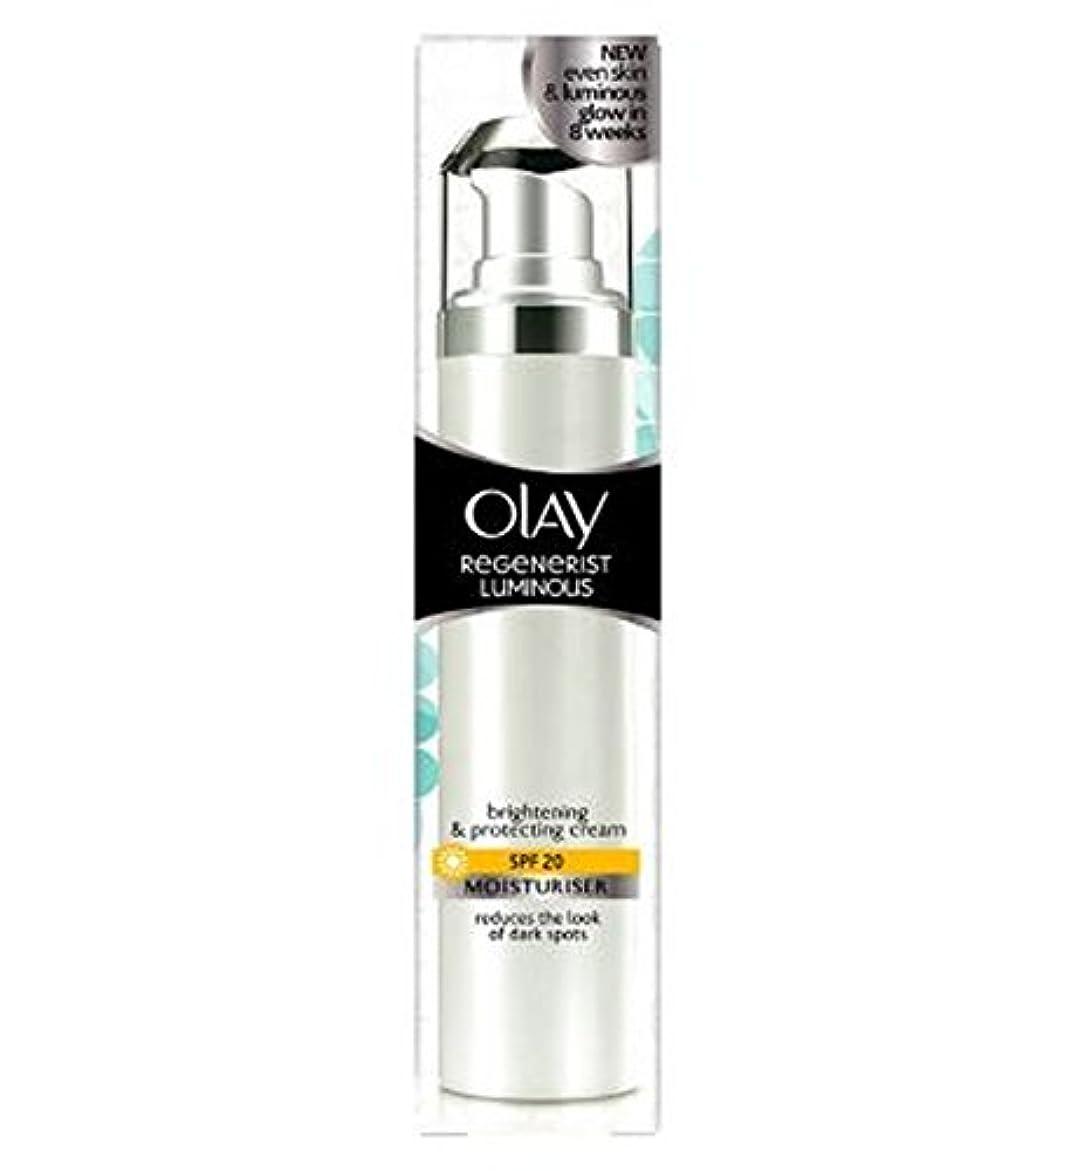 請負業者自分のデンマークオーレイリジェネ発光光沢保湿クリームSpf20の50ミリリットルの50ミリリットル (Olay) (x2) - Olay Regenerist Luminous Brightening Moisturiser Cream SPF20 50ml 50ml (Pack of 2) [並行輸入品]